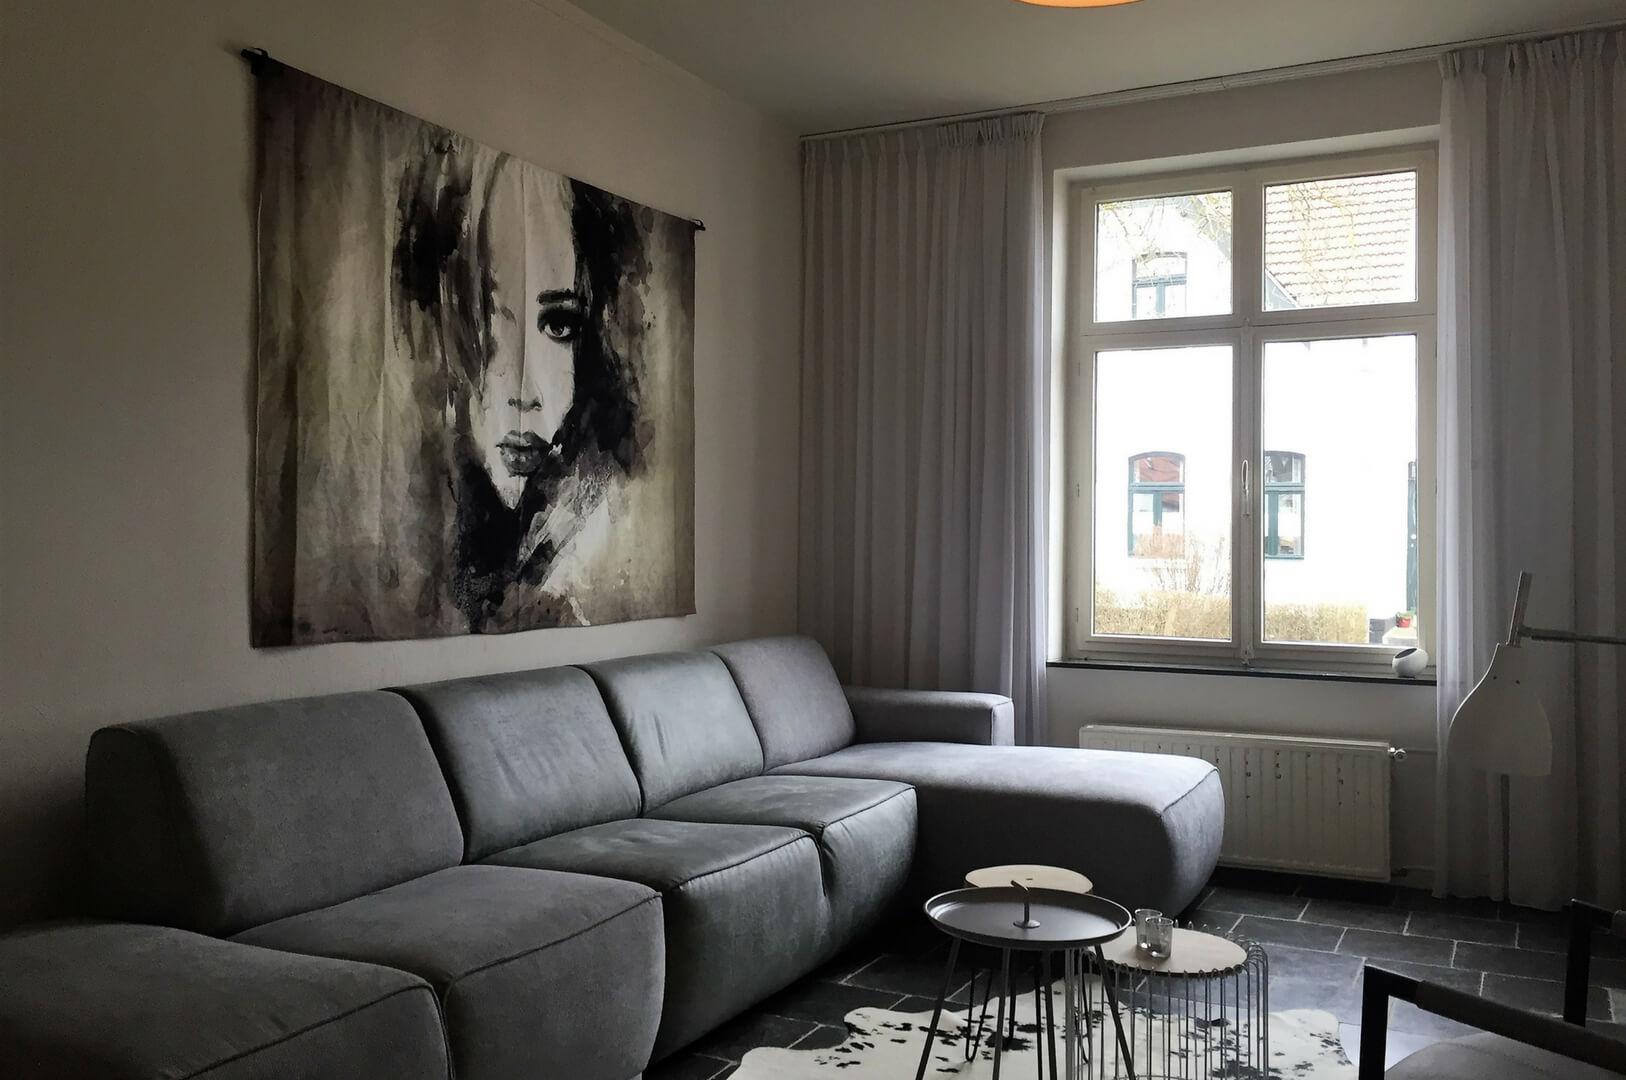 Ferienhaus buitenlust i ein luxeriöses ferienhaus für 8 pers. in limburg